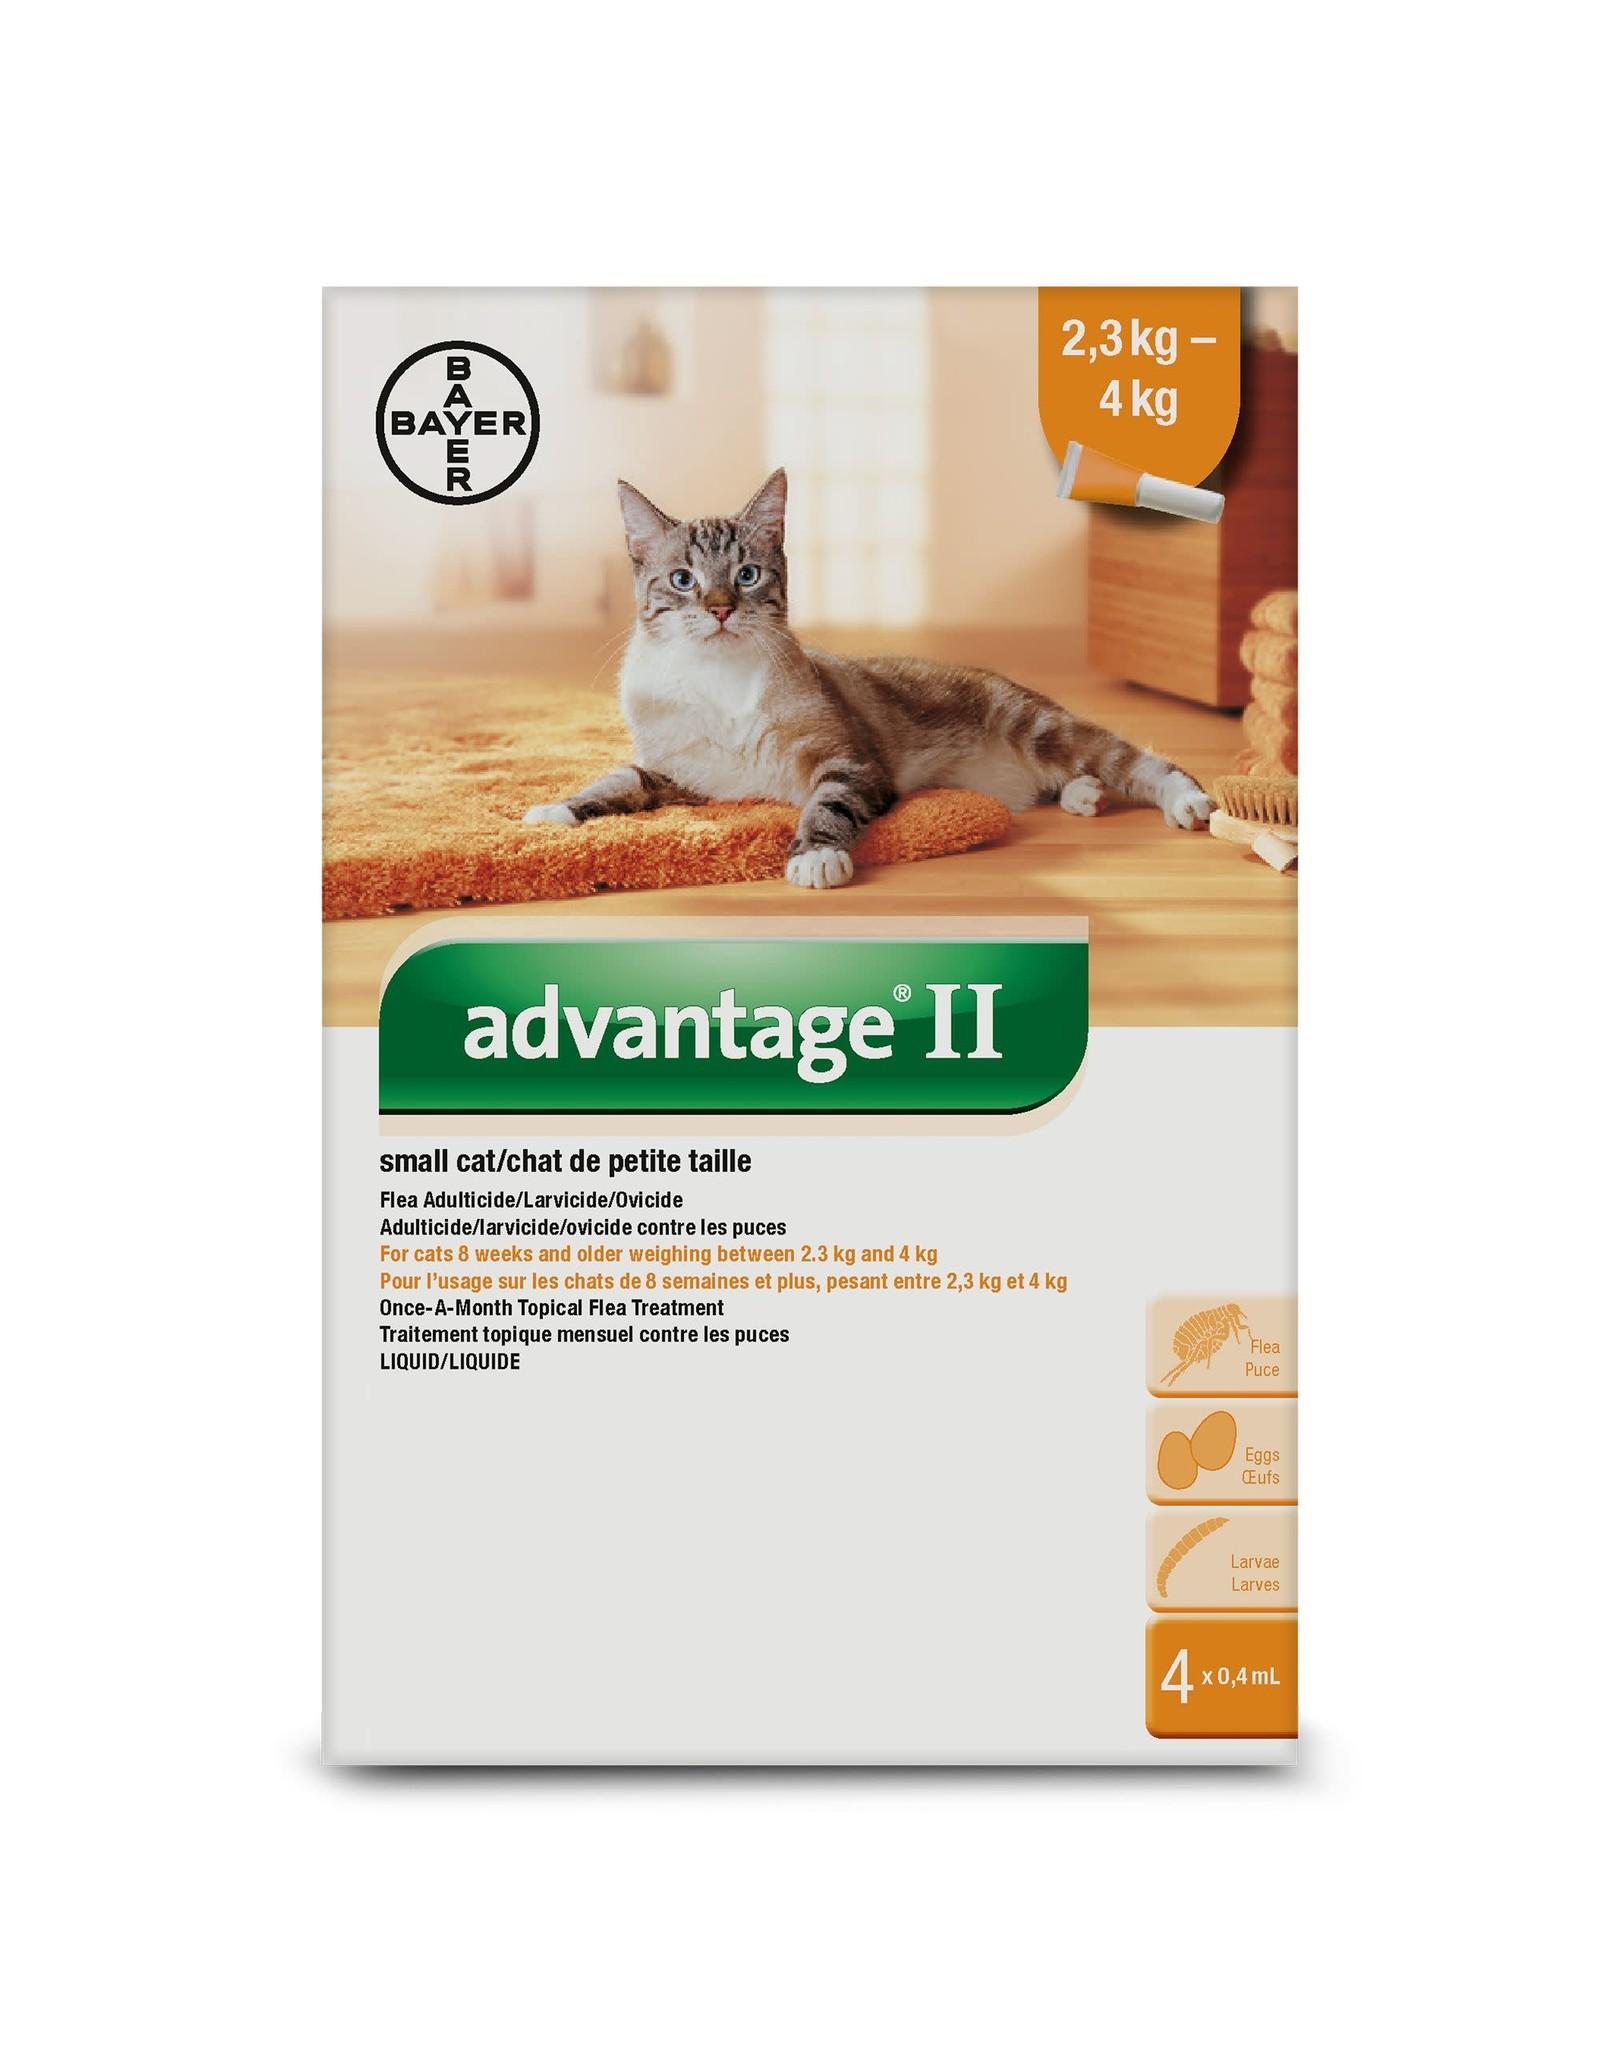 Bayer Advantage II - 2.3kg - 4kg, 4 doses